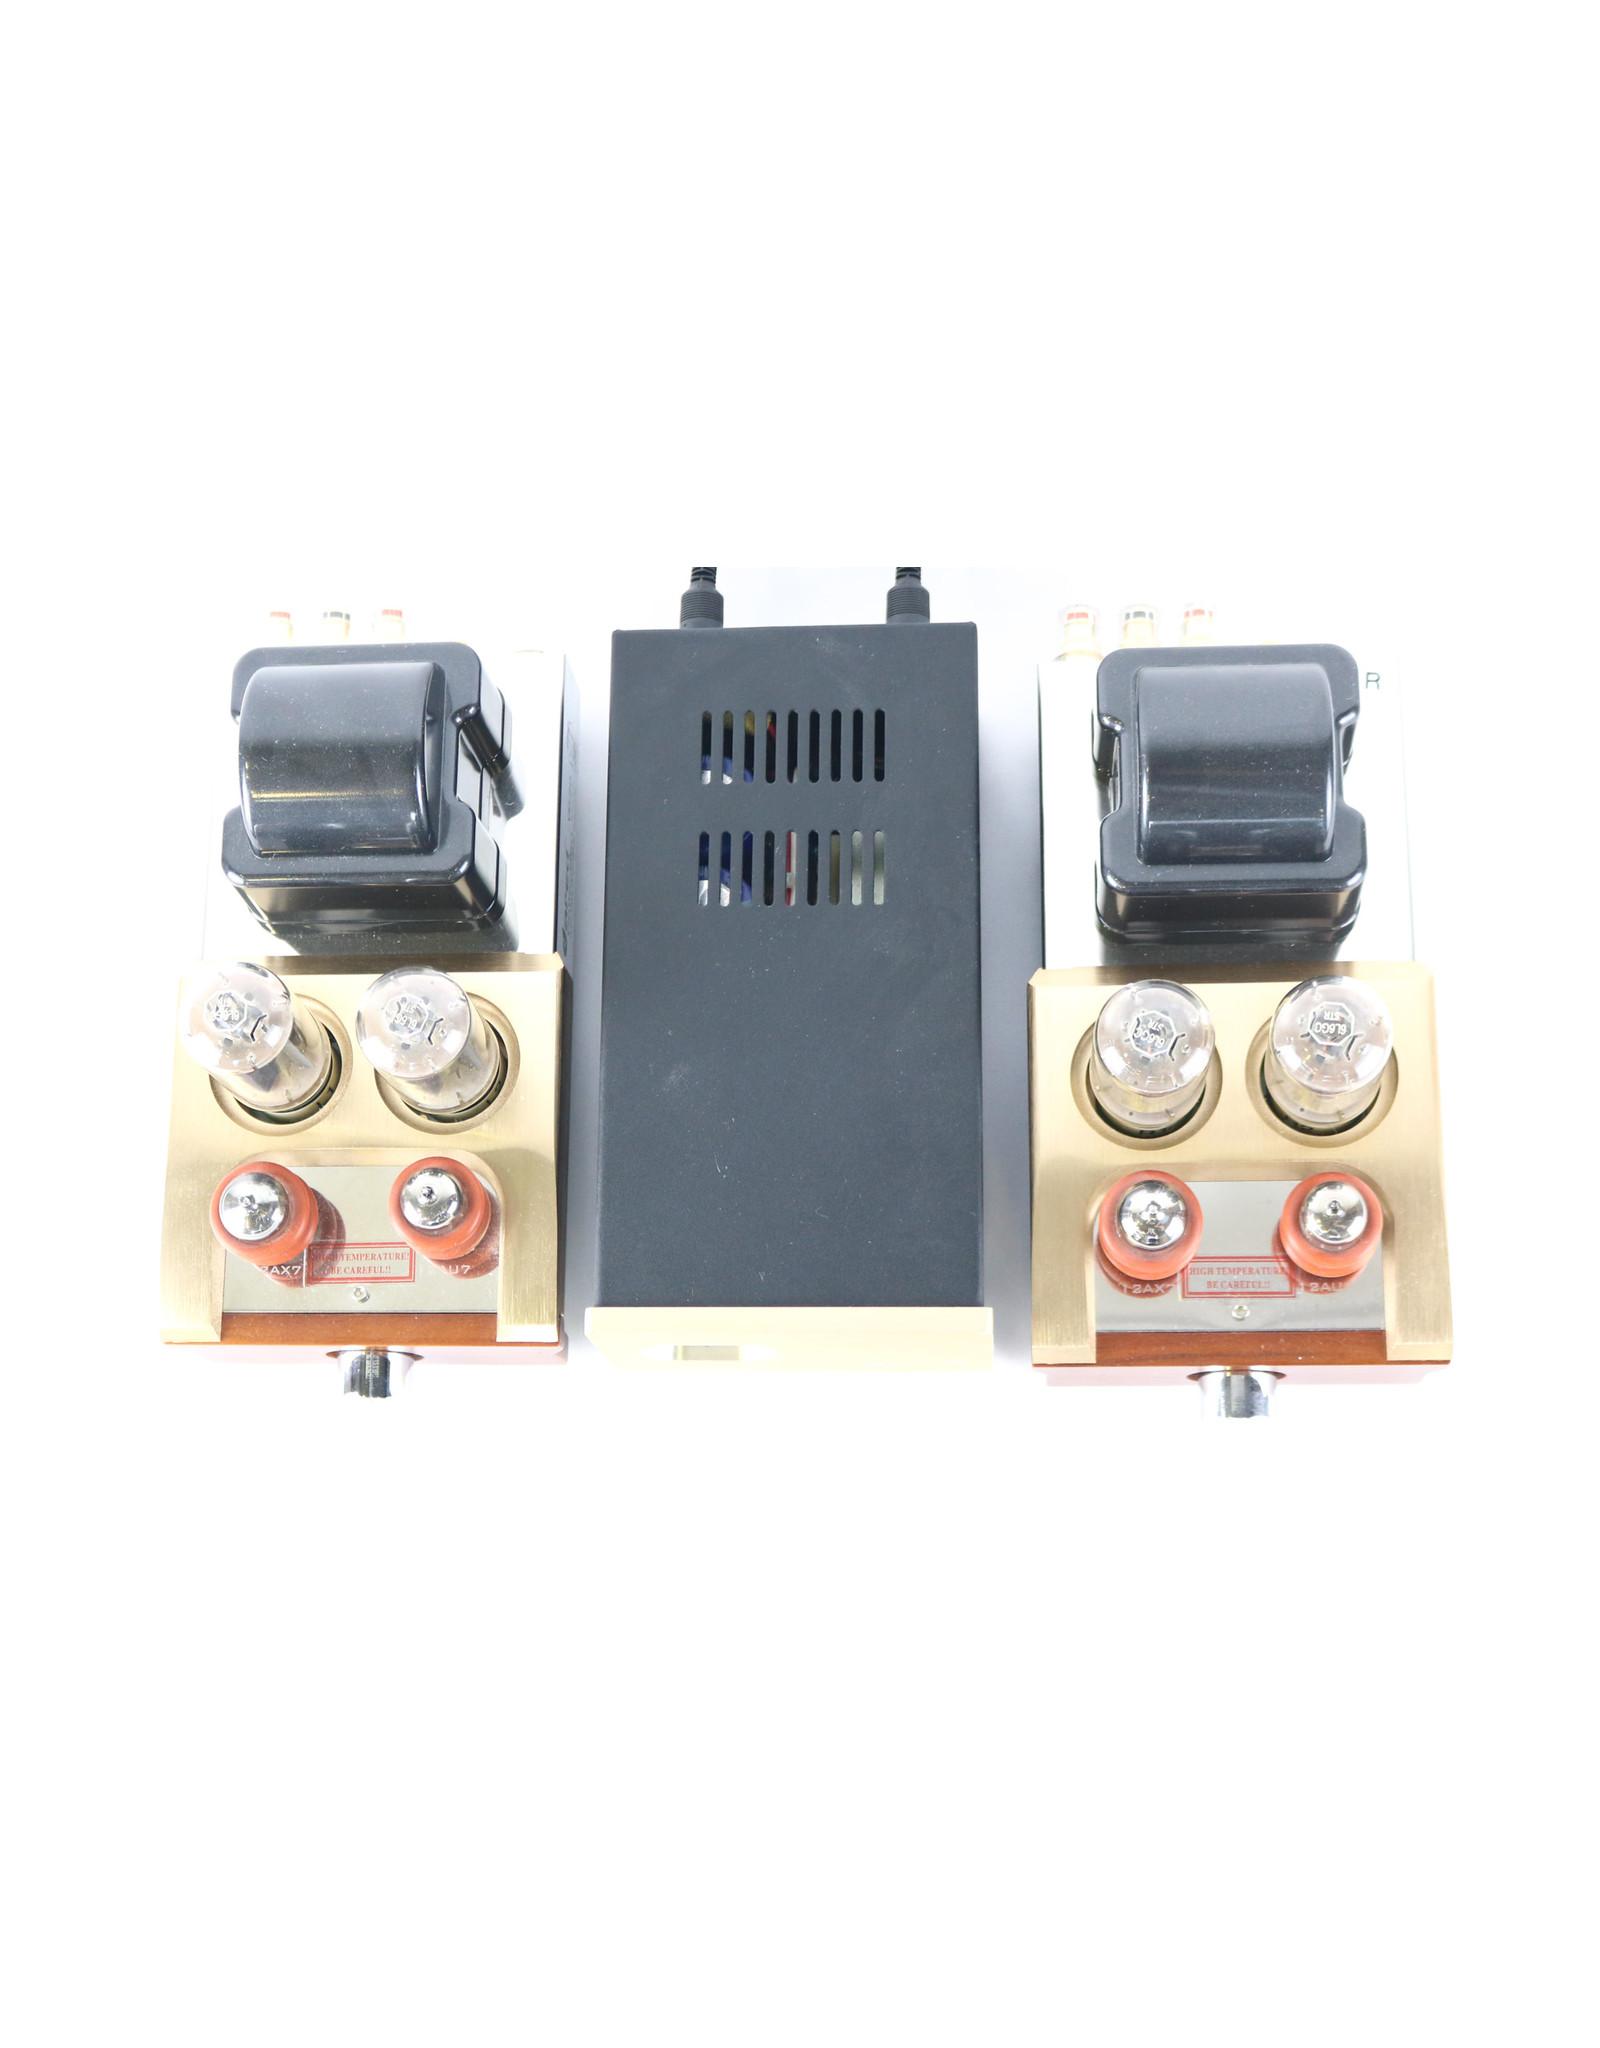 Dared Dared VP-20 Tube Monoblock Power Amps USED